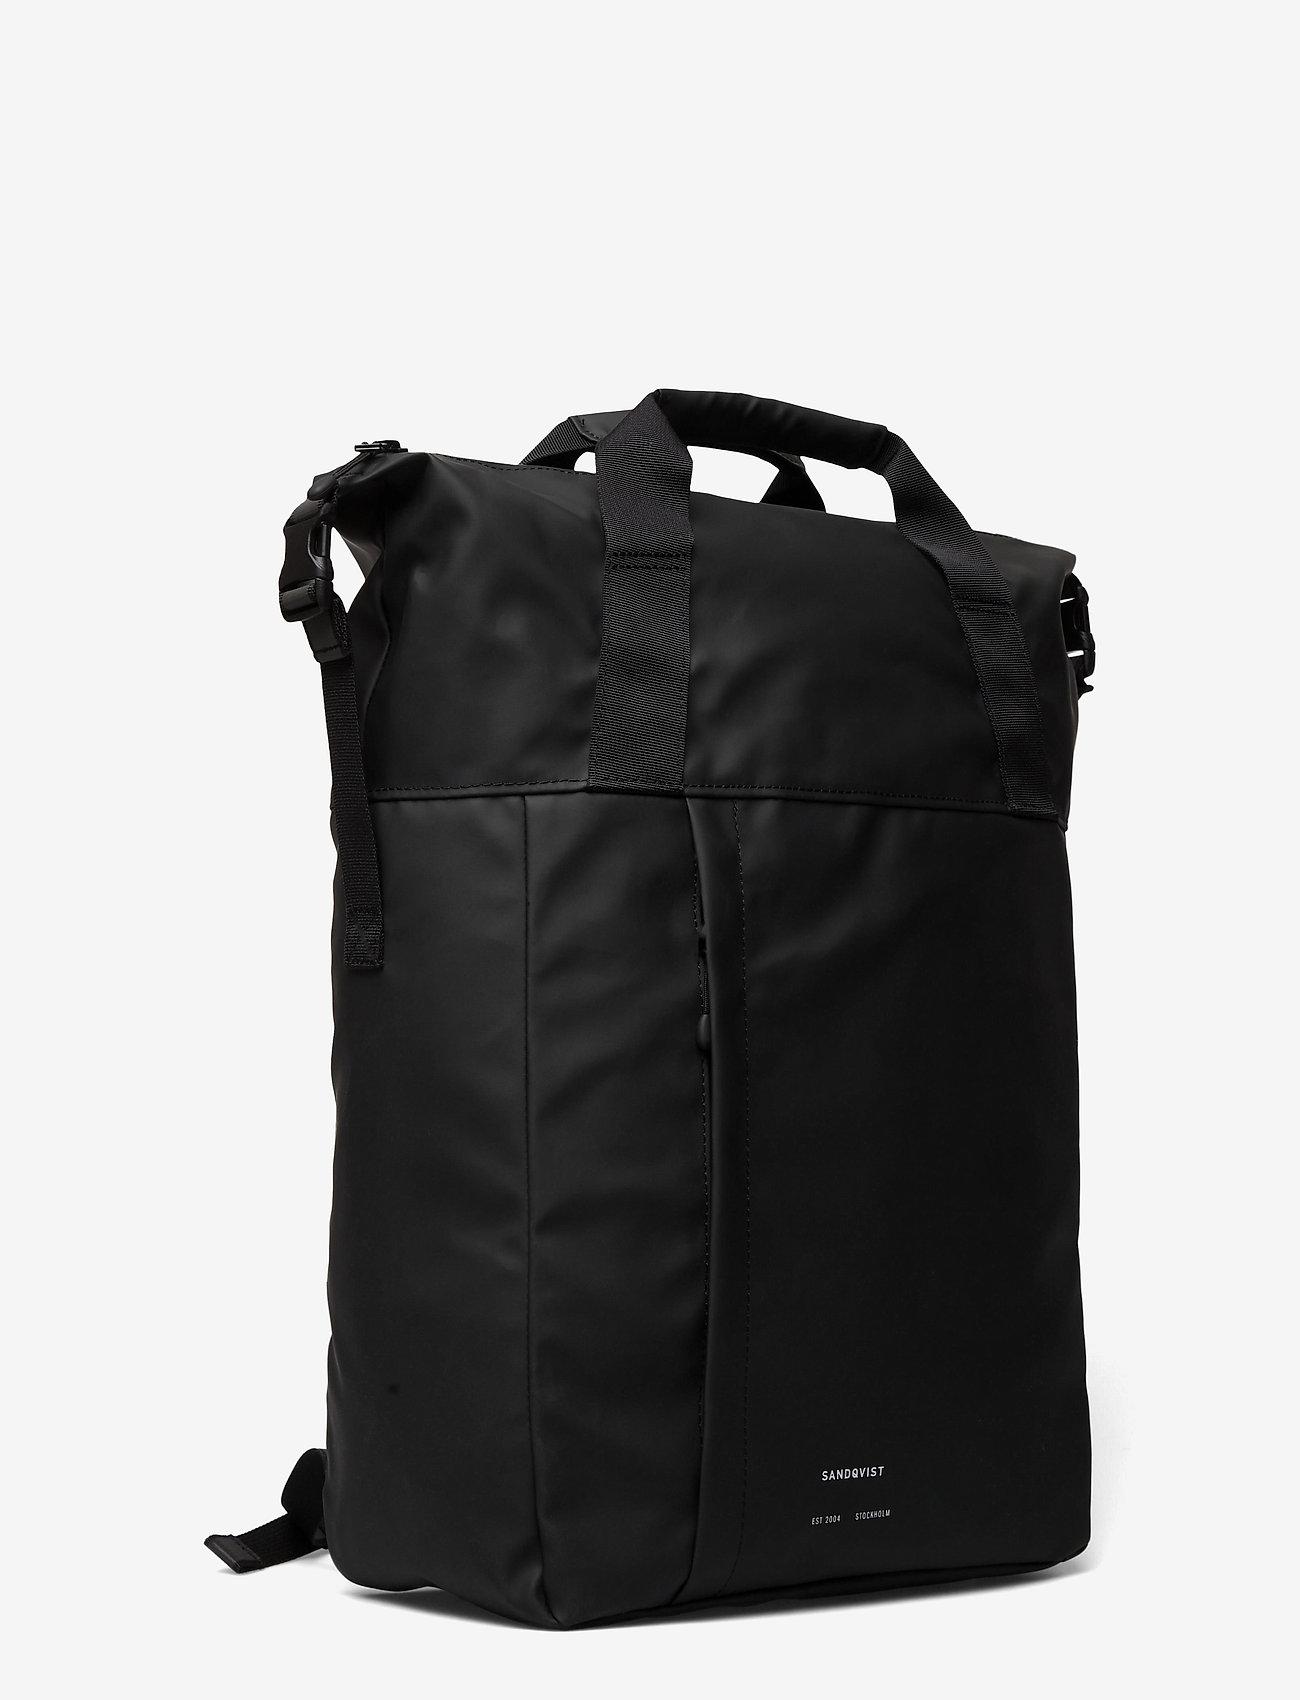 SANDQVIST - ATLE - bags - black - 2